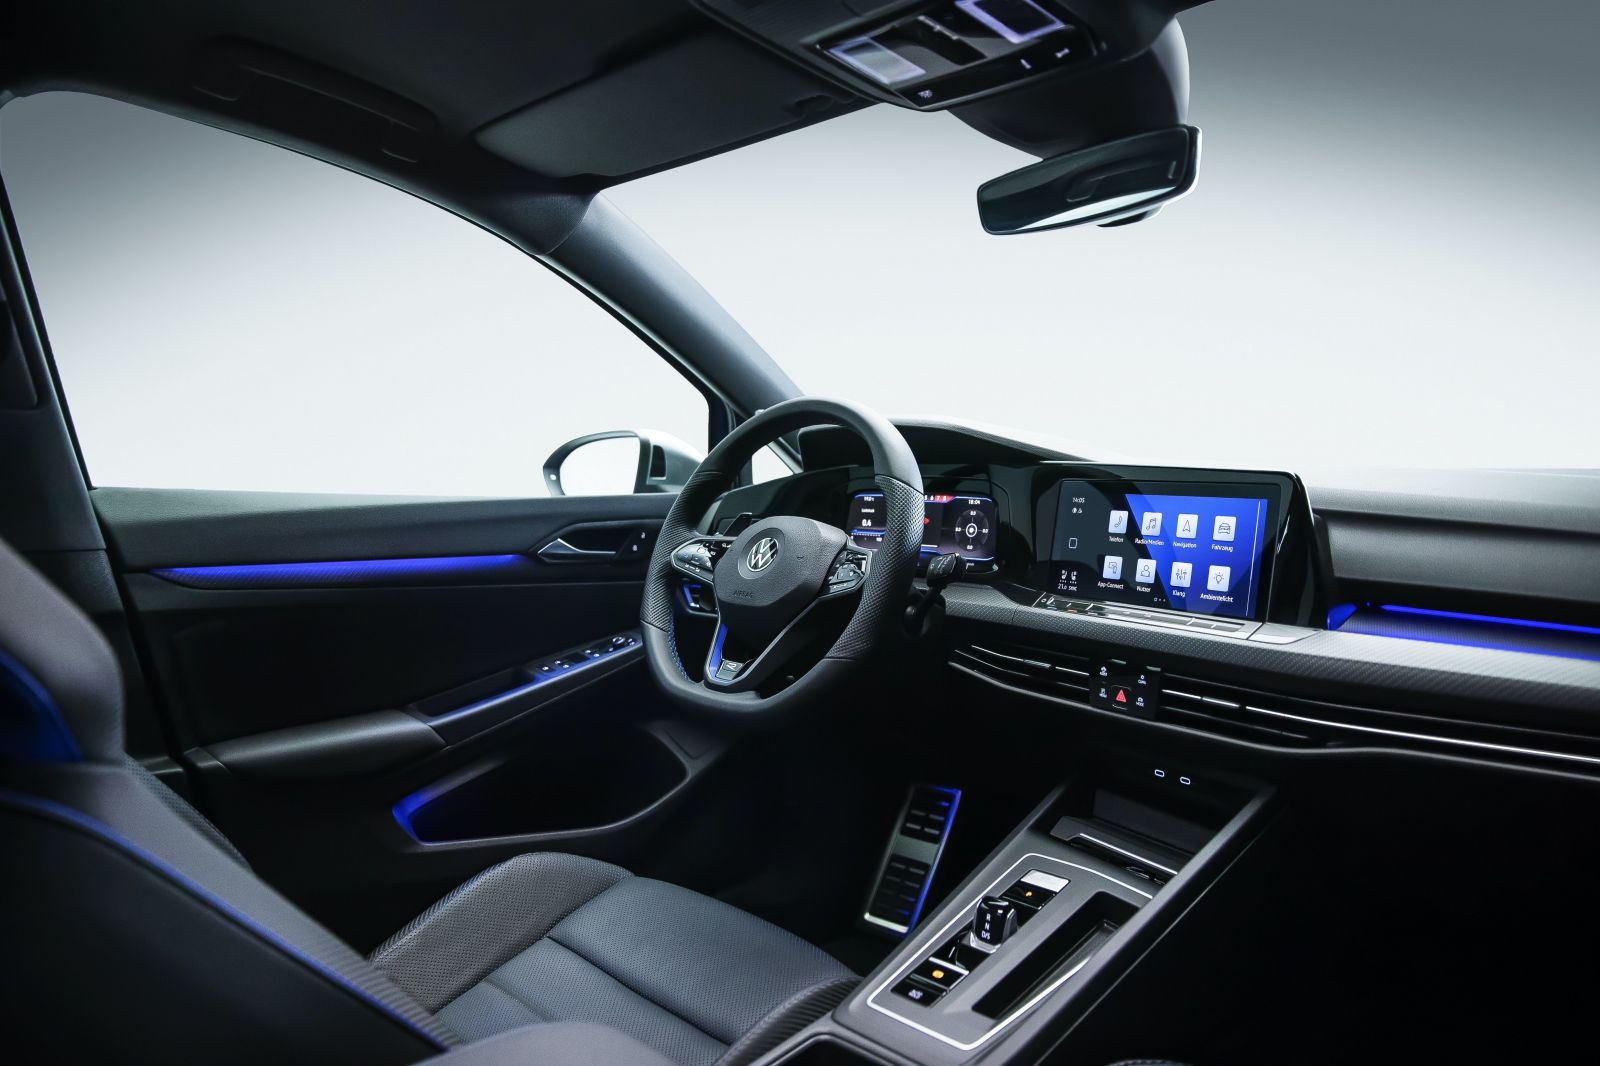 Volkswagen predstavil najzábavnejší Golf v histórii. Má 320 koní a špeciálnu štvorkolku s režimom Drift